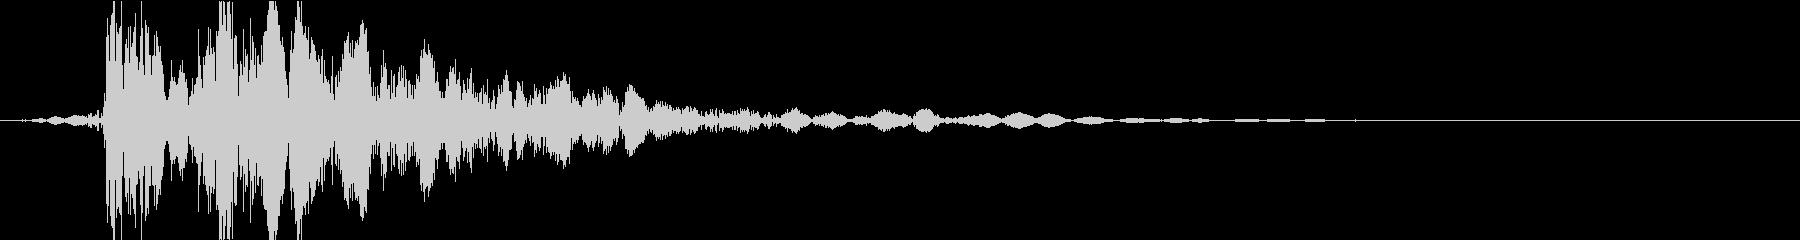 パンチBの未再生の波形